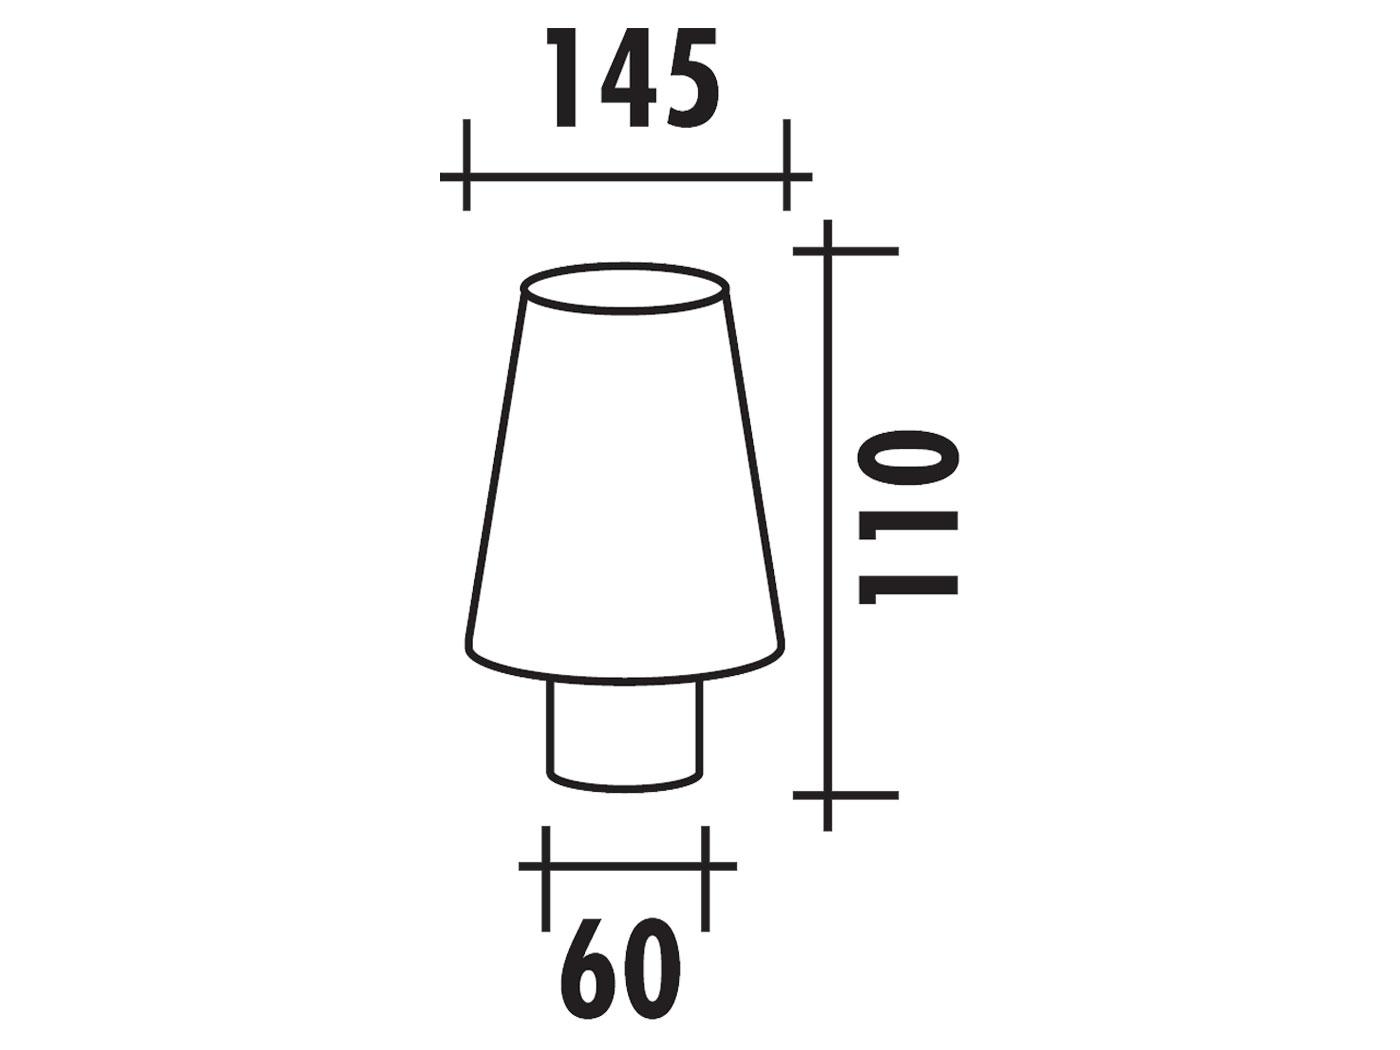 air filter Polini 60mm for Polini CP carburetor